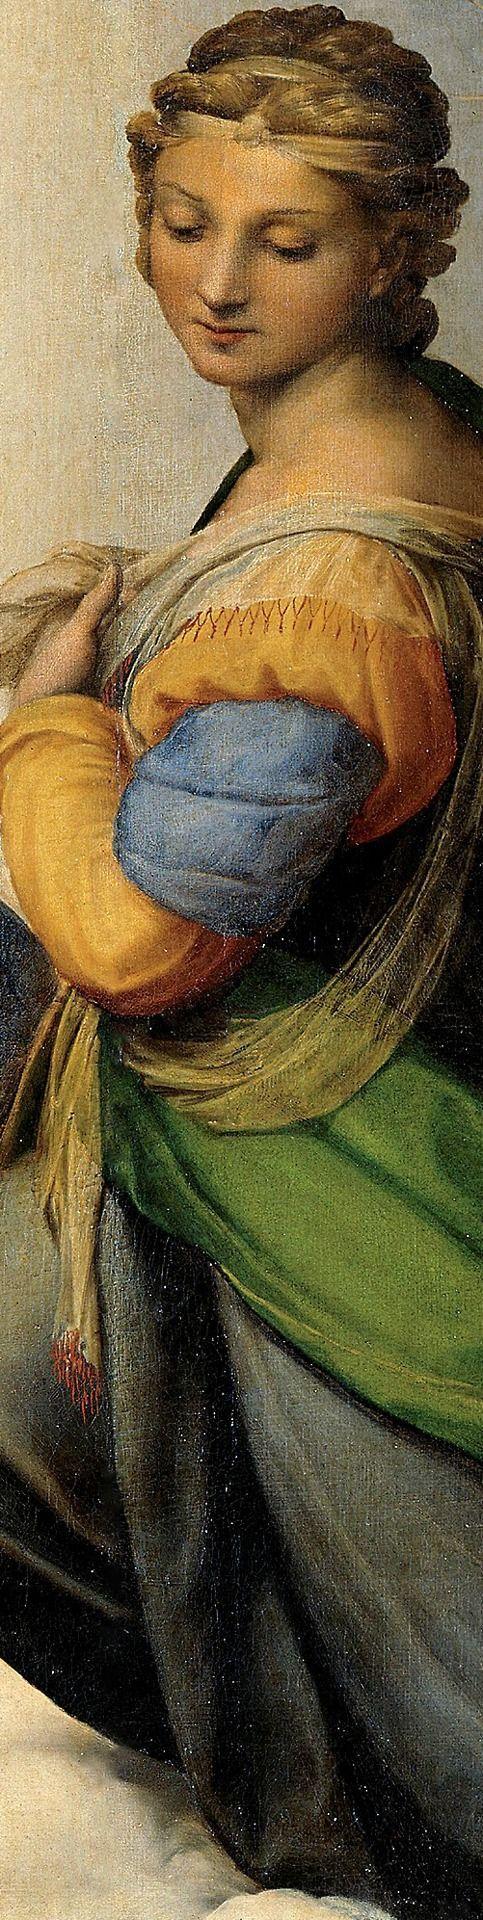 RAPHAEL ( 1483-1520). La Madone Sixtine (ou Madonna Sistina ou Madonna di San Sisto). Haute Renaissance. Détail du tableau  ( 265x196 cm) conservé à la Gemäldegalerie Alte Meister,  Dresde, Allemagne.